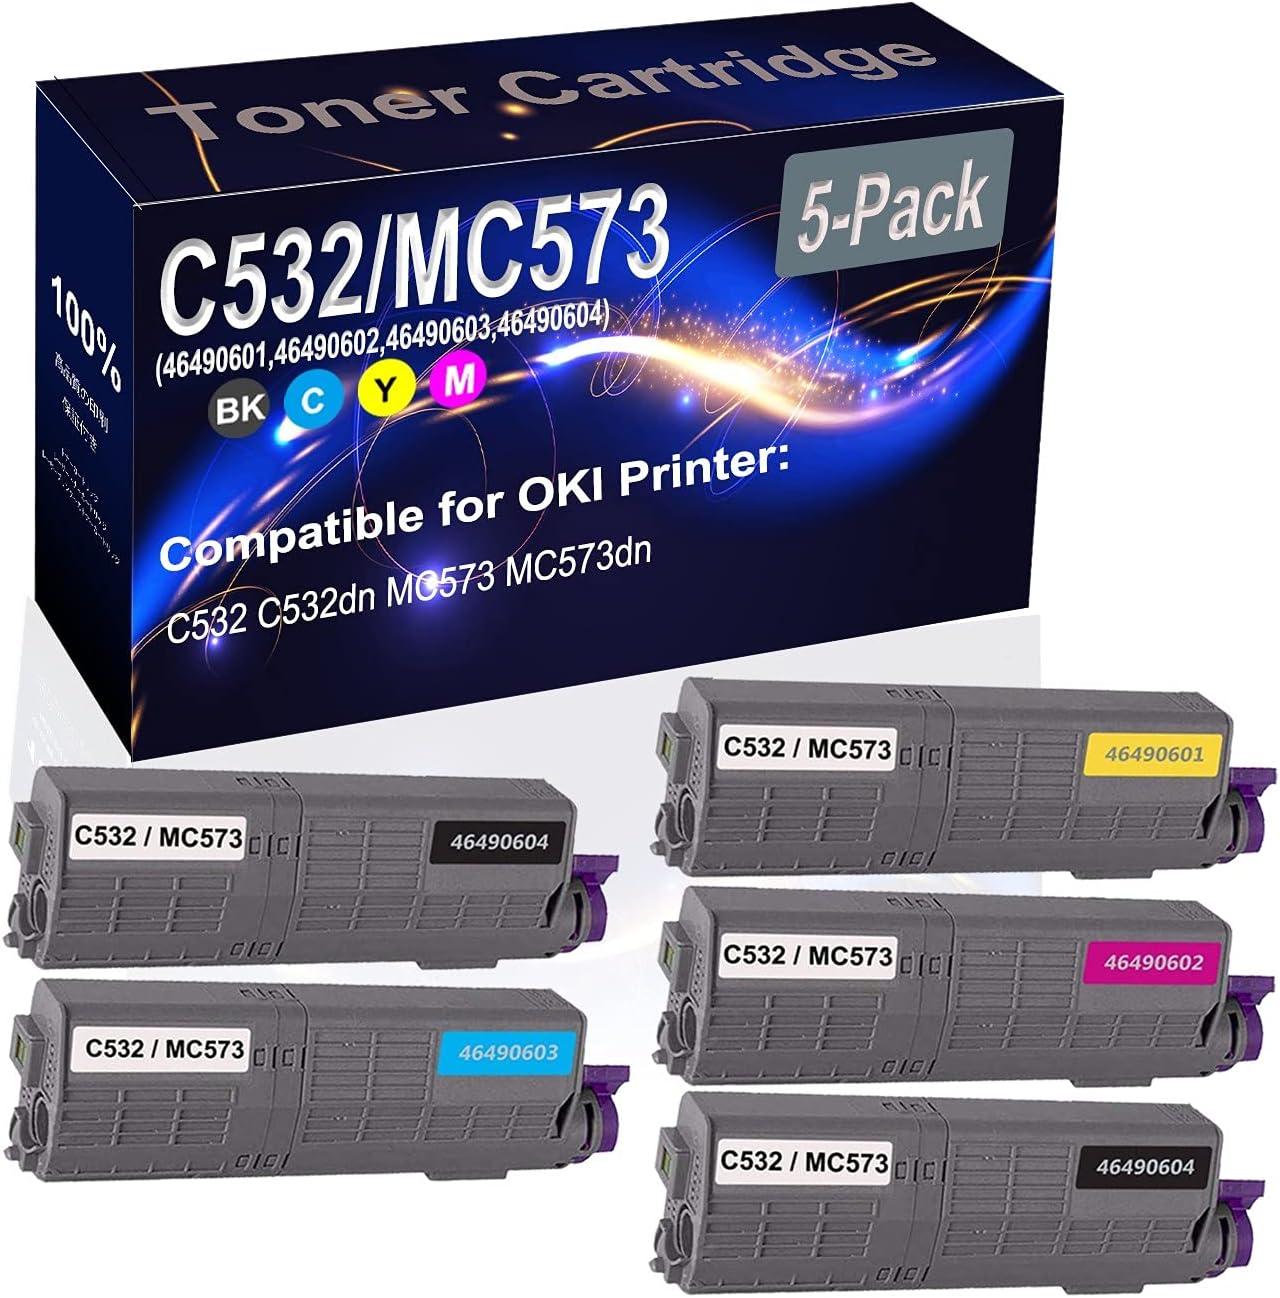 5-Pack (2BK+C+Y+M) Compatible C532 C532dn MC573 MC573dn Laser Toner Cartridge (High Capacity) Replacement for OKI C532/MC573 (46490604 46490603 46490601 46490602) Printer Toner Cartridge